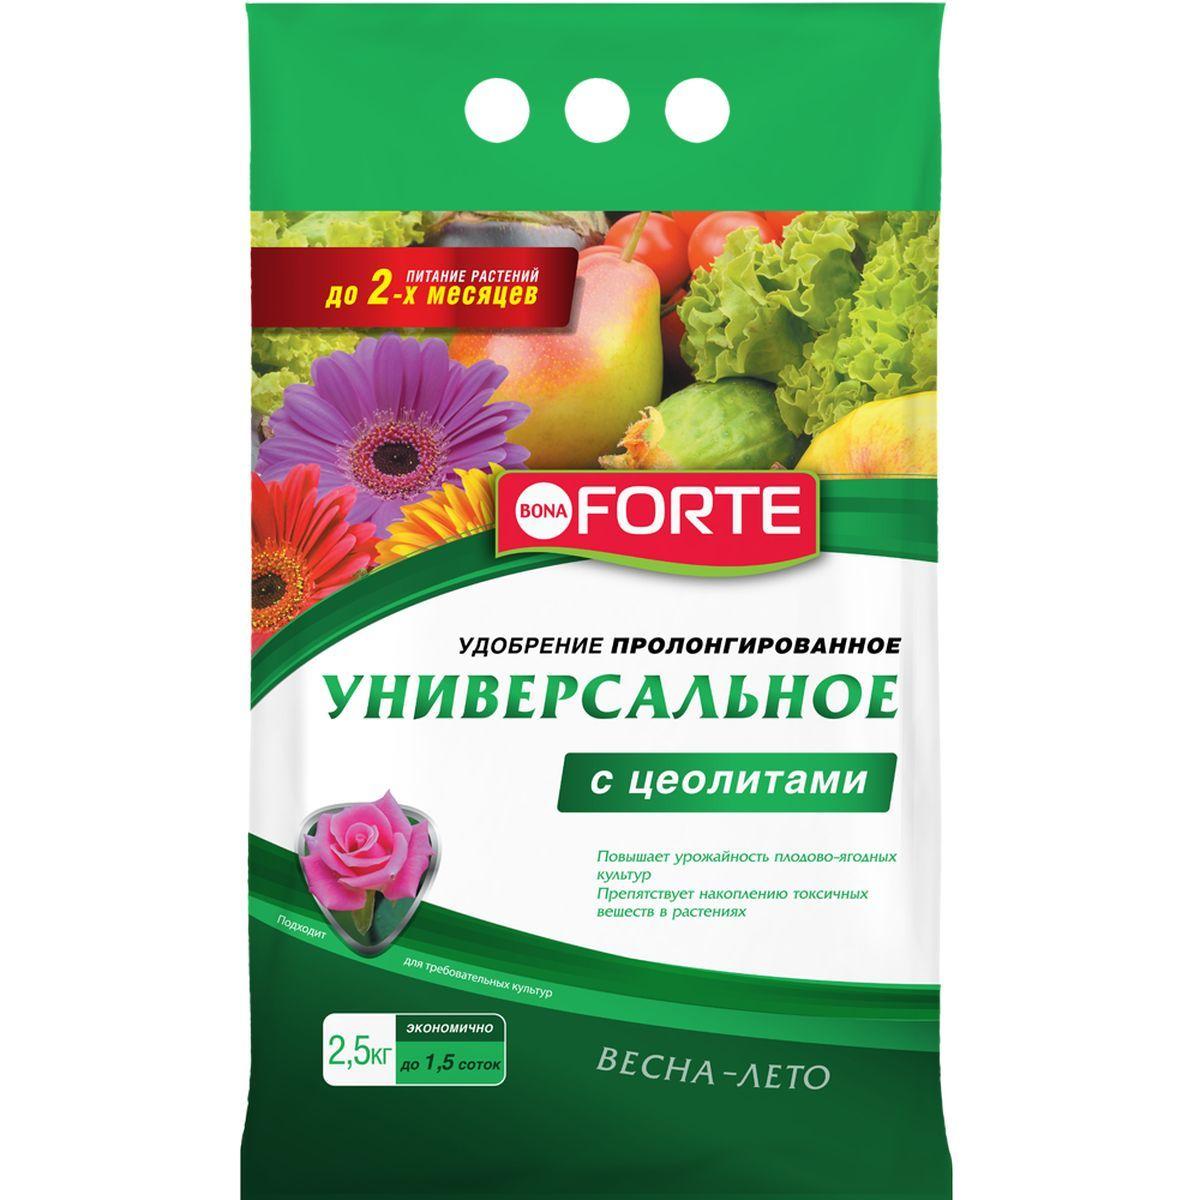 Удобрение Bona Forte, универсальное, с цеолитом, 2,5 кгBF-23-01-034-1Для овощных, плодовых, ягодных, декоративных и цветочных культур.Удобрения дополнительно обогащены ЦЕОЛИТОМ, который имеет уникальные полезные качества:- удерживает влагу и питательные вещества в корнеобитаемой зоне растений;- снижает стрессы растений при посадке и пересадке;- обеспечивает оптимальный воздушный режим даже при максимальном насыщении грунта водой;- делает удобрения пролонгированными.